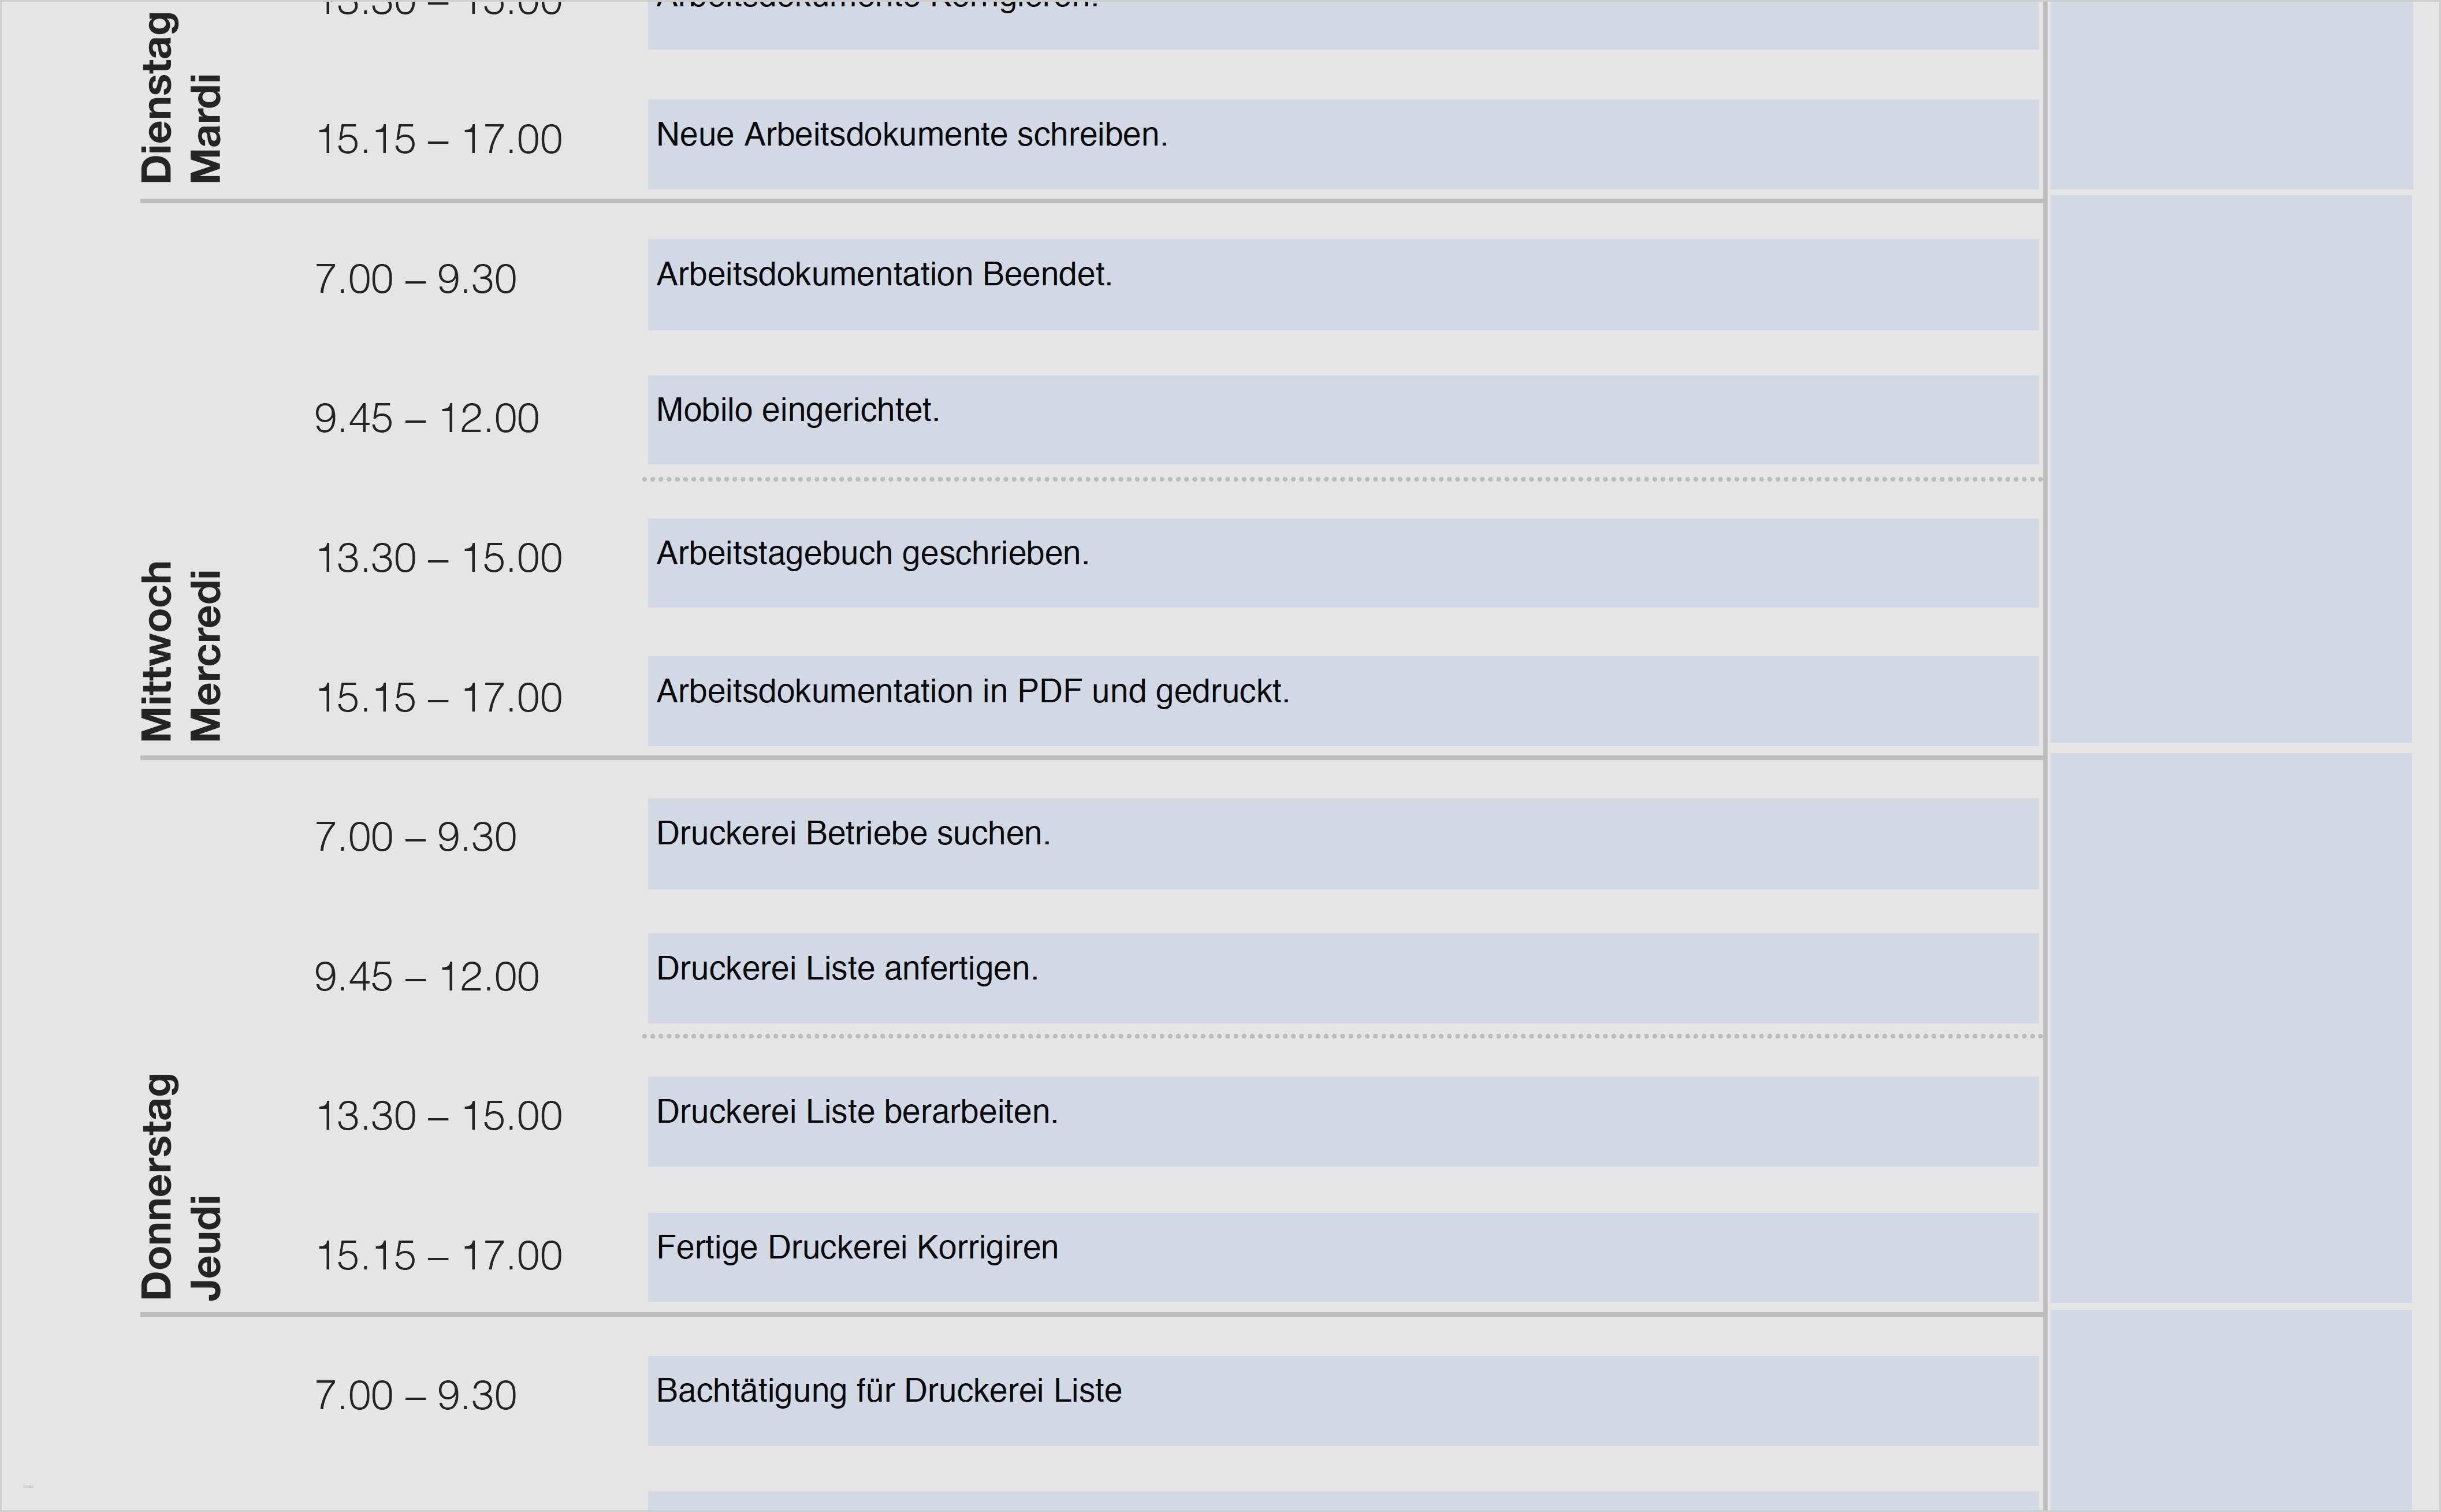 Tagesbericht Praktikum Vorlage Zum Ausdrucken 23 Hubsch Ebendiese Konnen Einstellen Fur Ihre In 2020 Praktikumsbericht Flugblatt Design Vorlagen